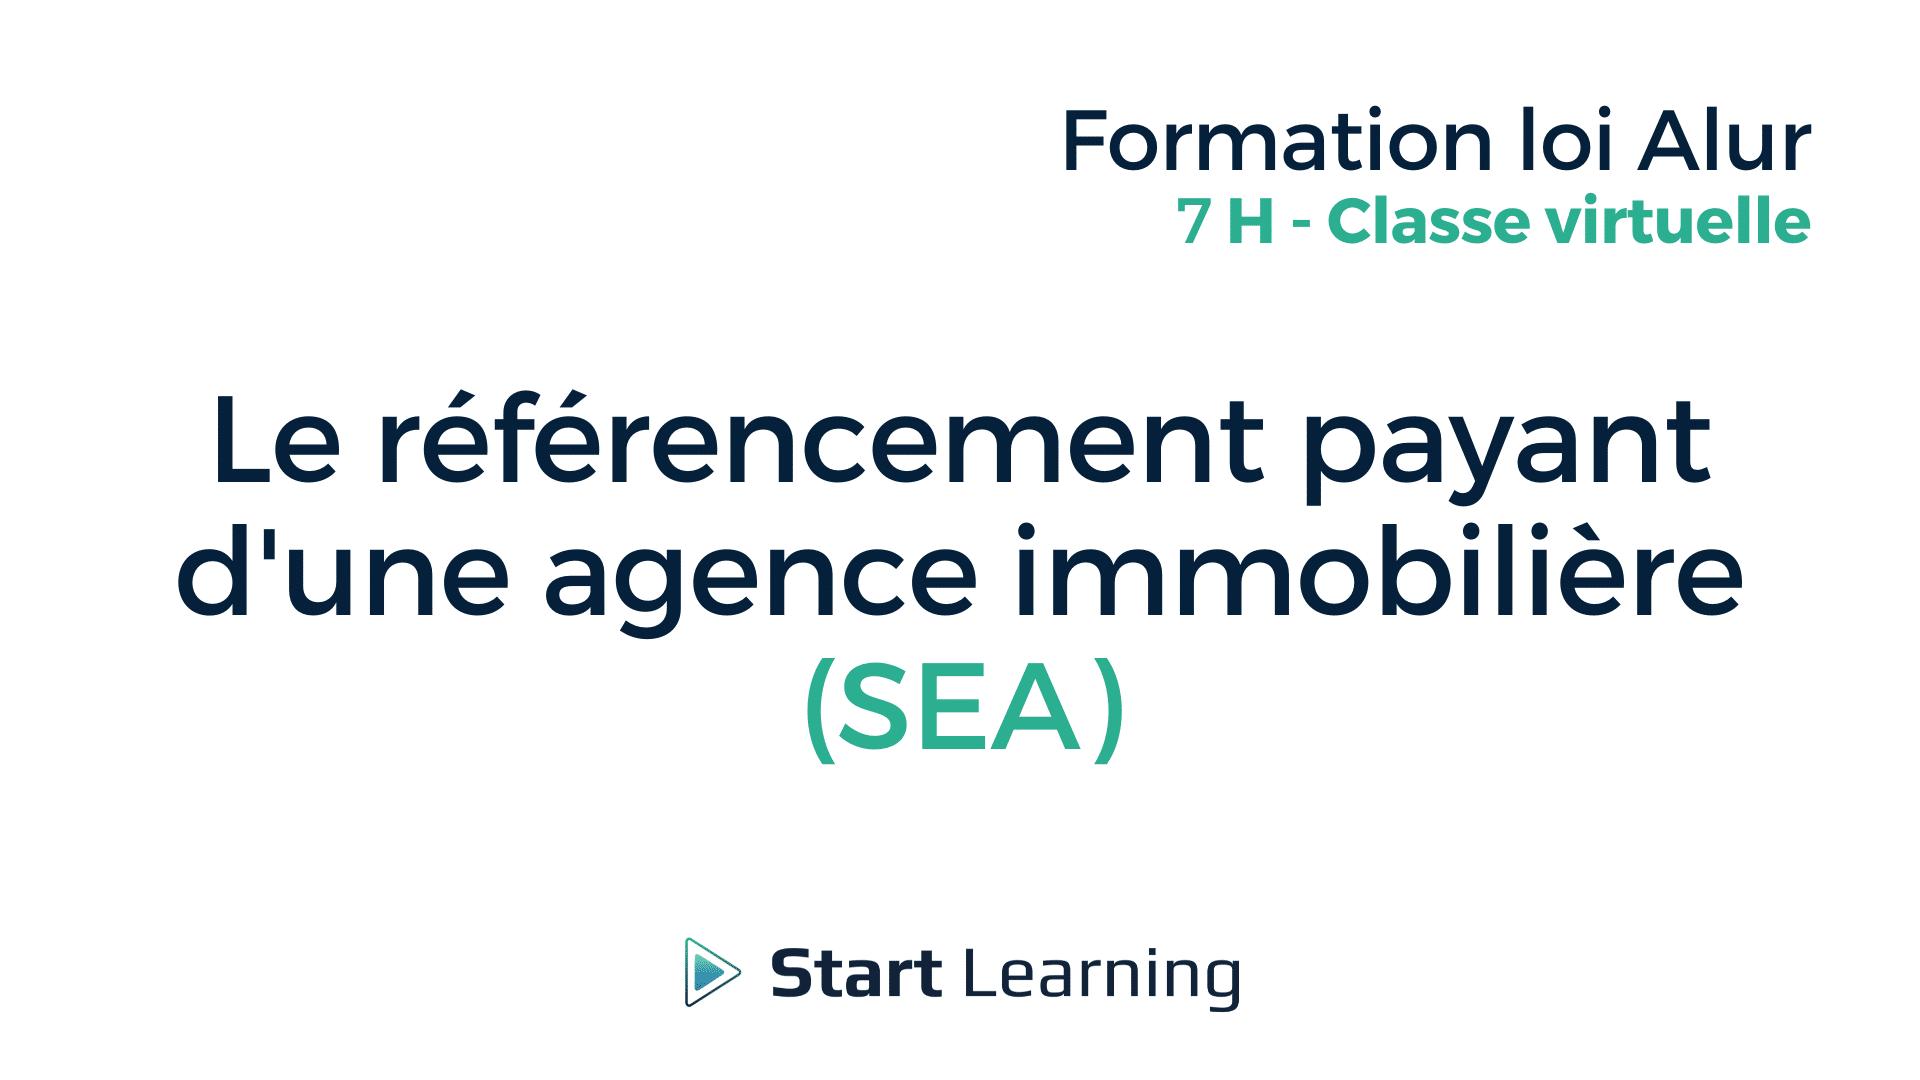 Formation loi Alur Classe Virtuel - Le référencement payant d'une agence immobilière (SEA)